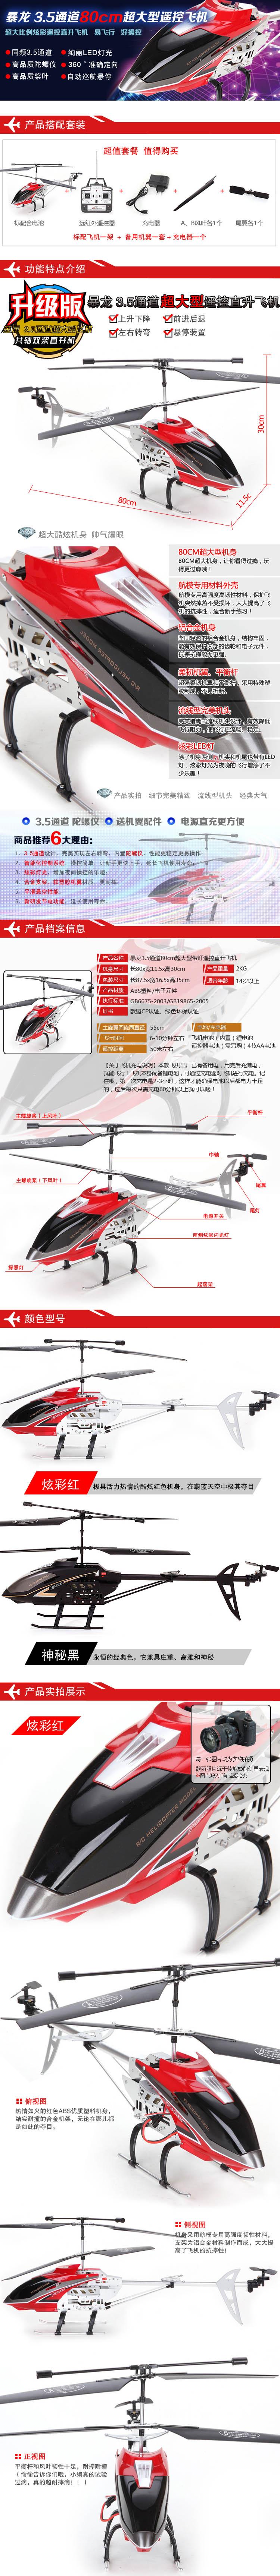 荣龙 暴龙系列航模玩具3.5通道超大80cm遥控飞机遥控